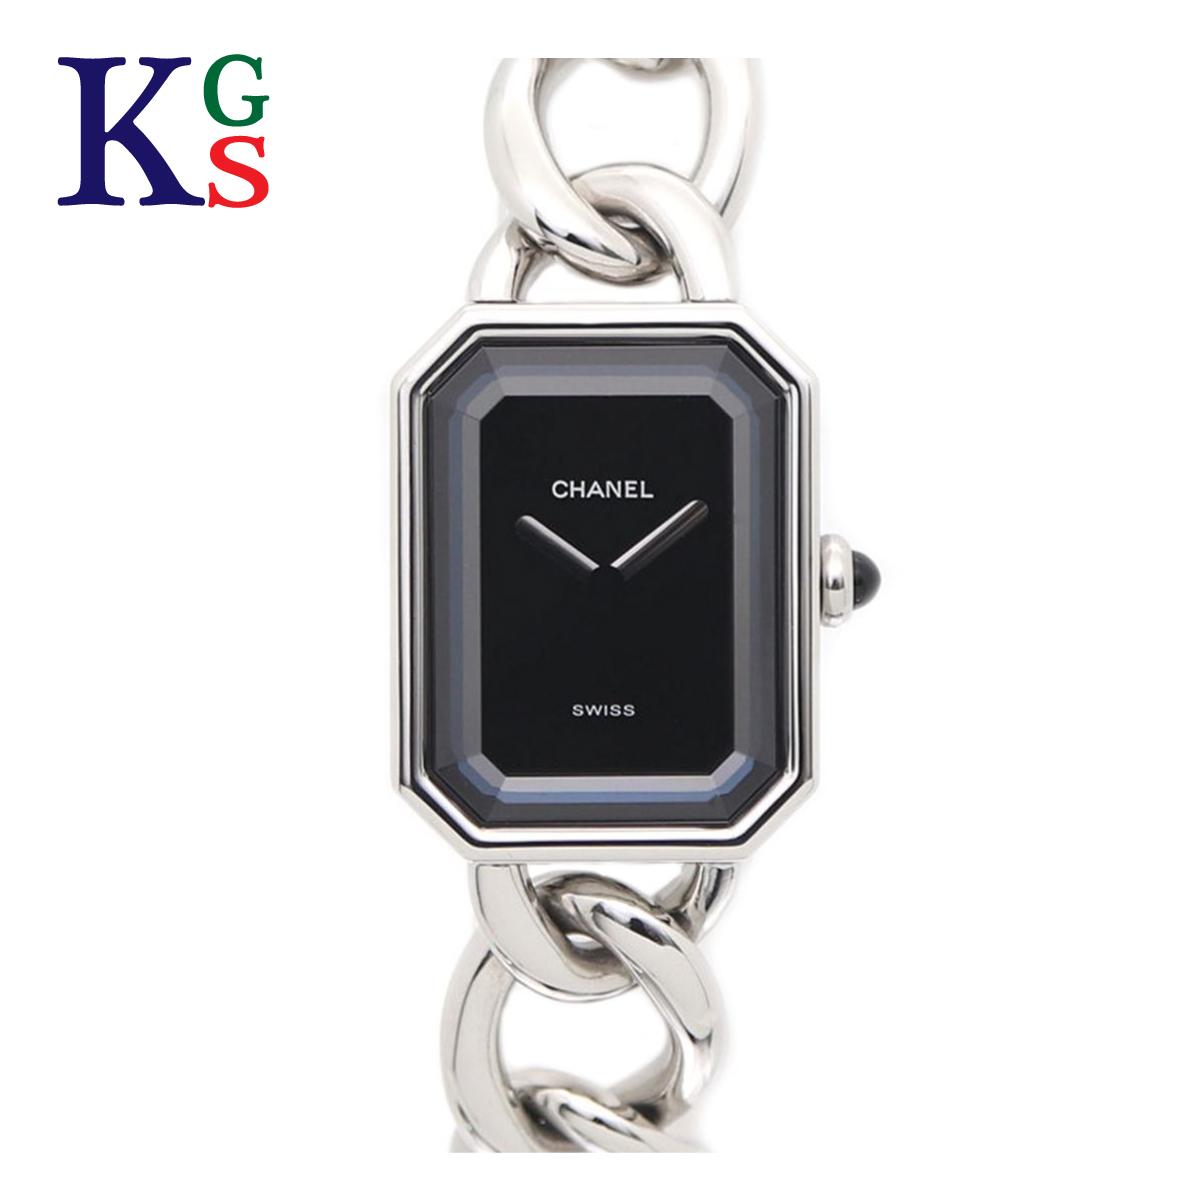 【ギフト品質】シャネル/CHANEL レディース 腕時計 プルミエール ステンレススチール クオーツ H0452